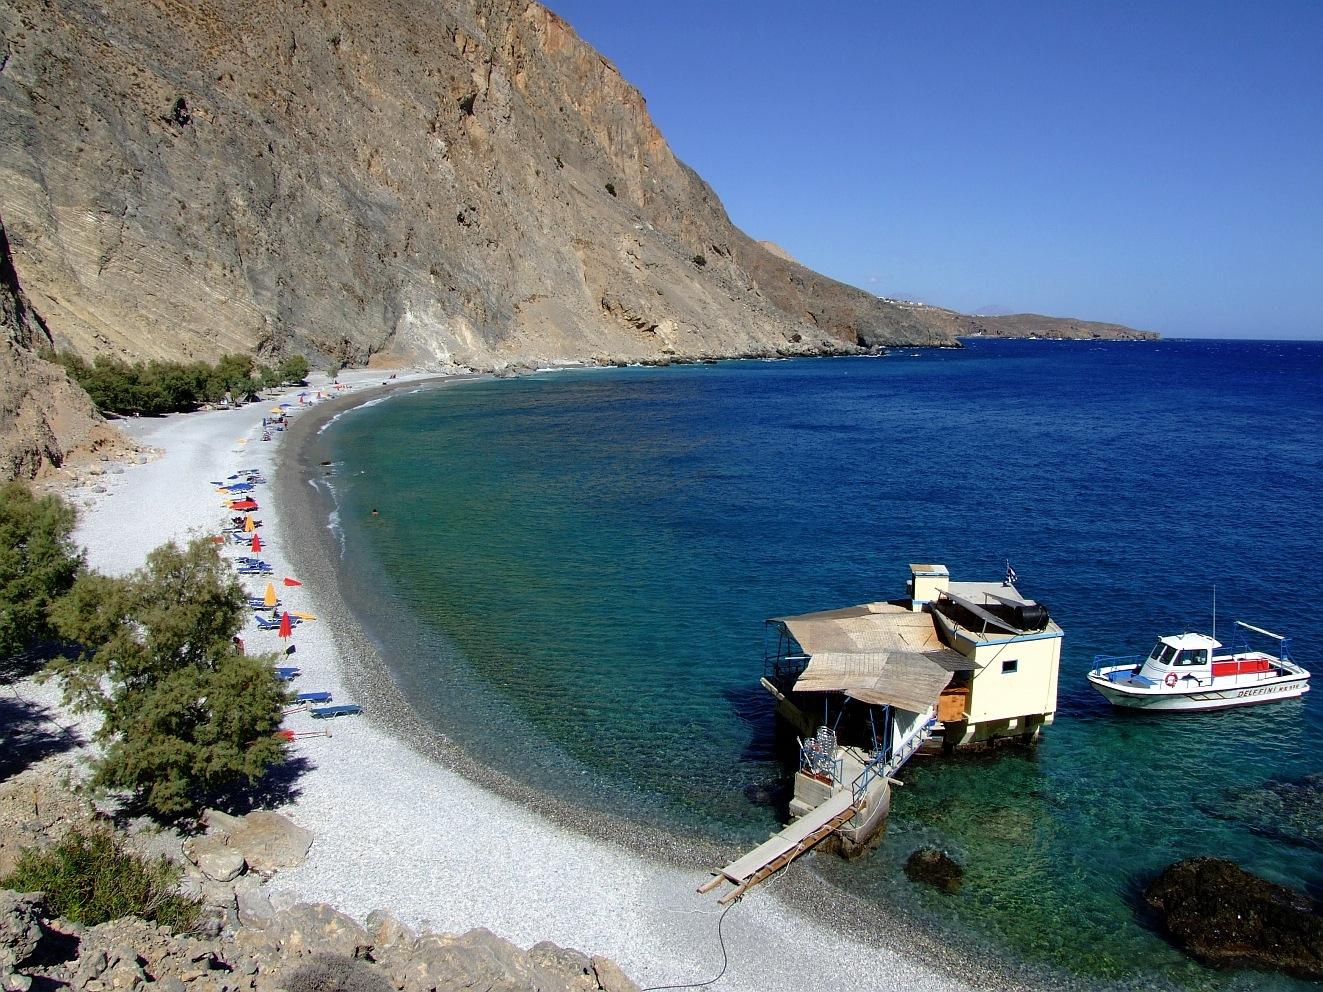 20+1 παραλίες της Κρήτης… που θα τις λατρέψετε! | Κρήτη & Κρητικοί